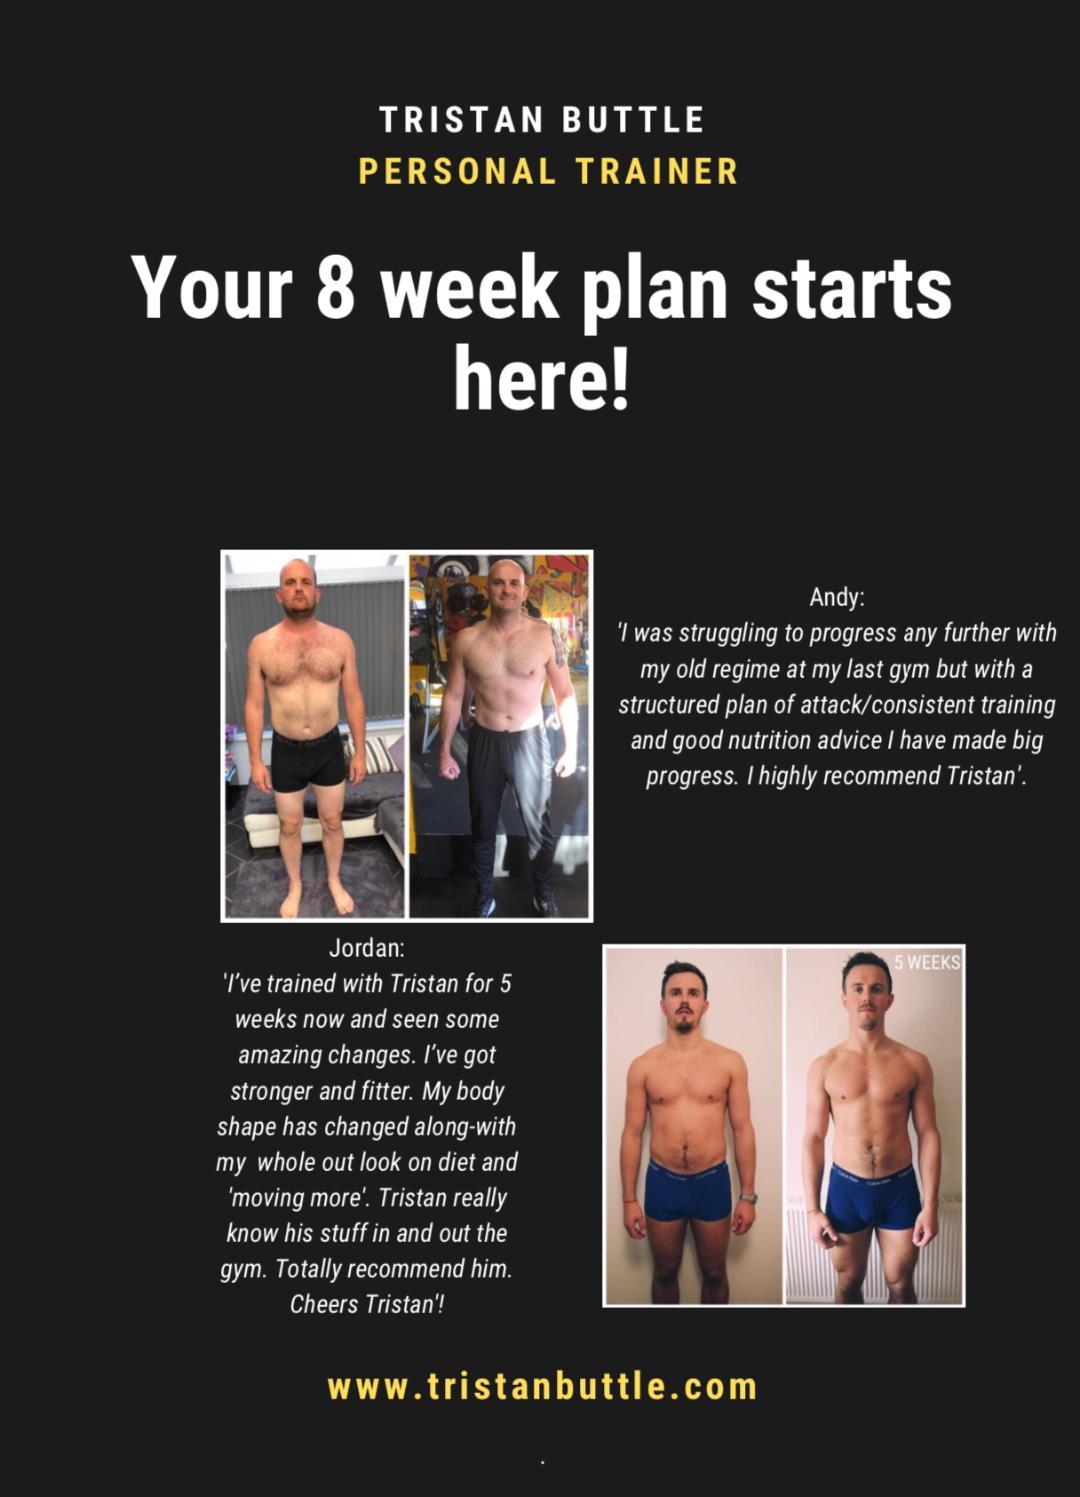 8 week plan